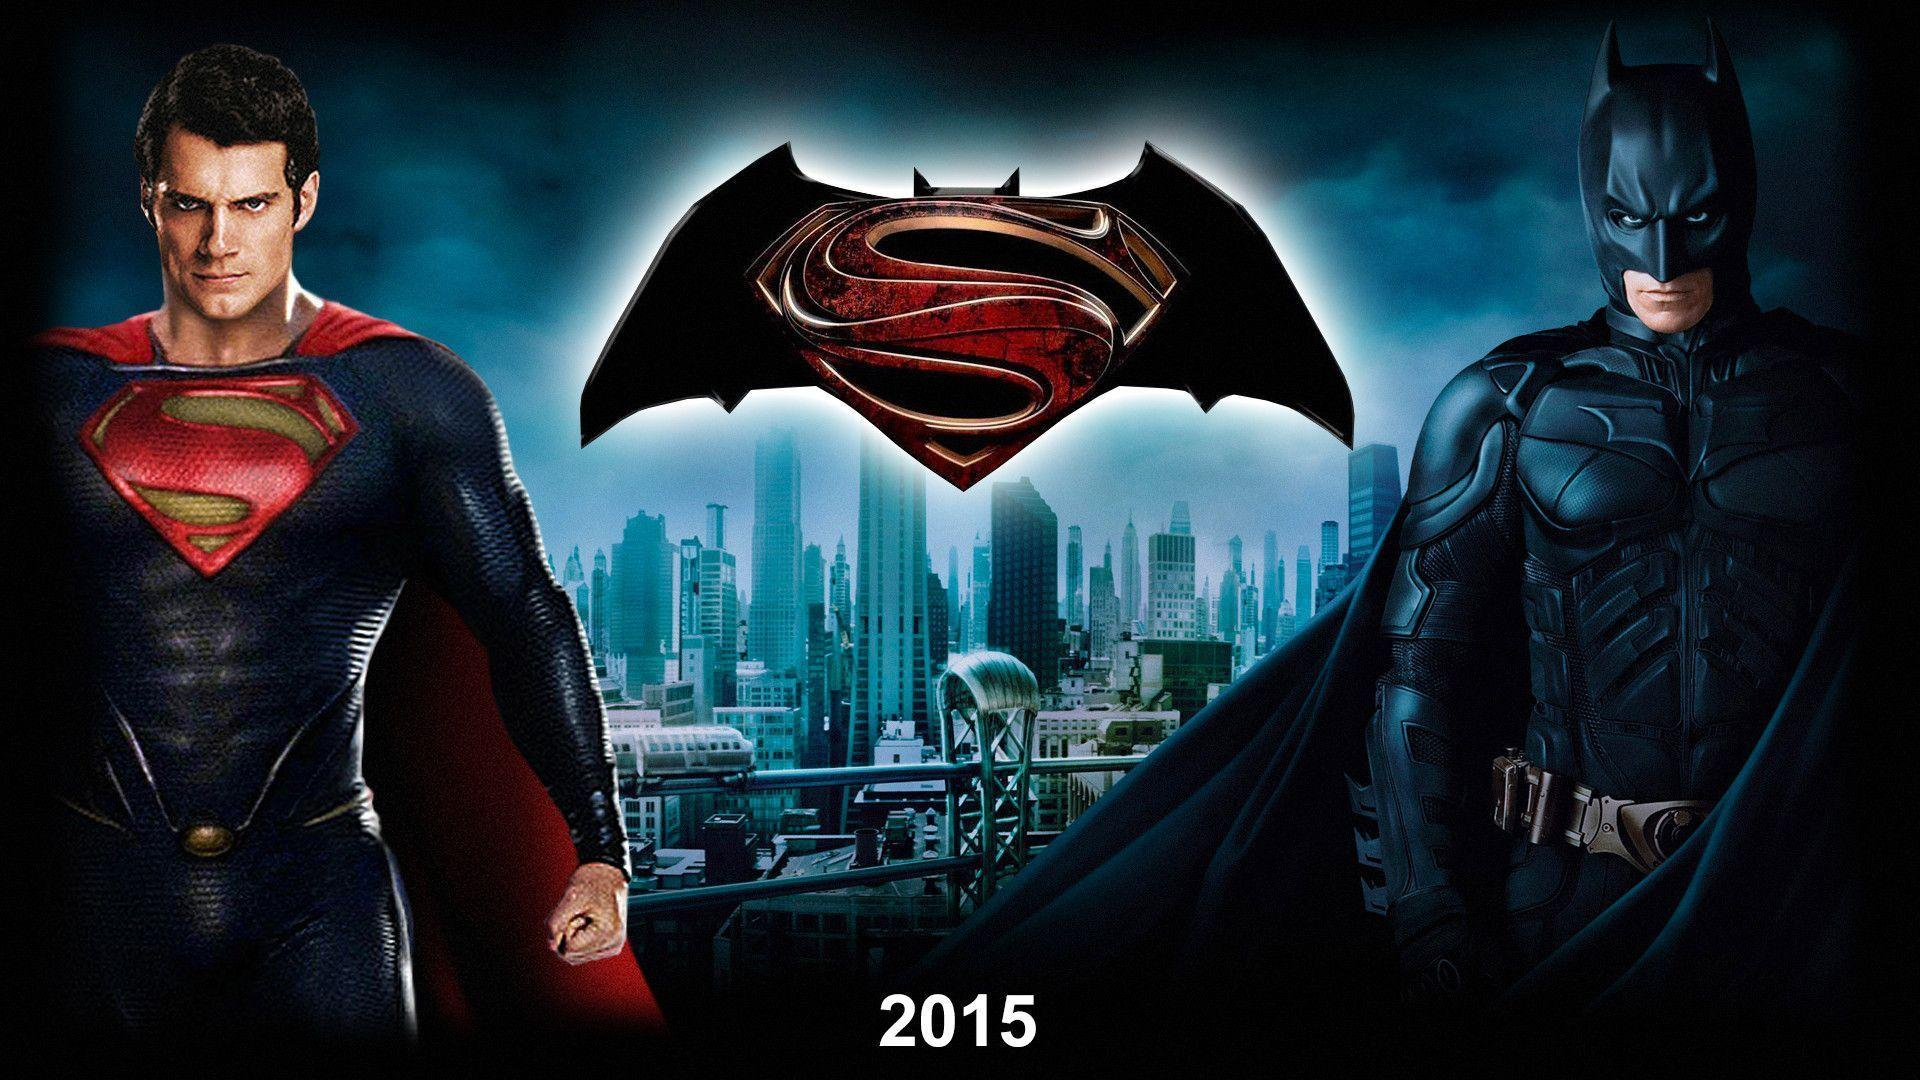 Batman Vs Superman 2015 Movie Wallpaper Wide or HD | Comics Wallpapers